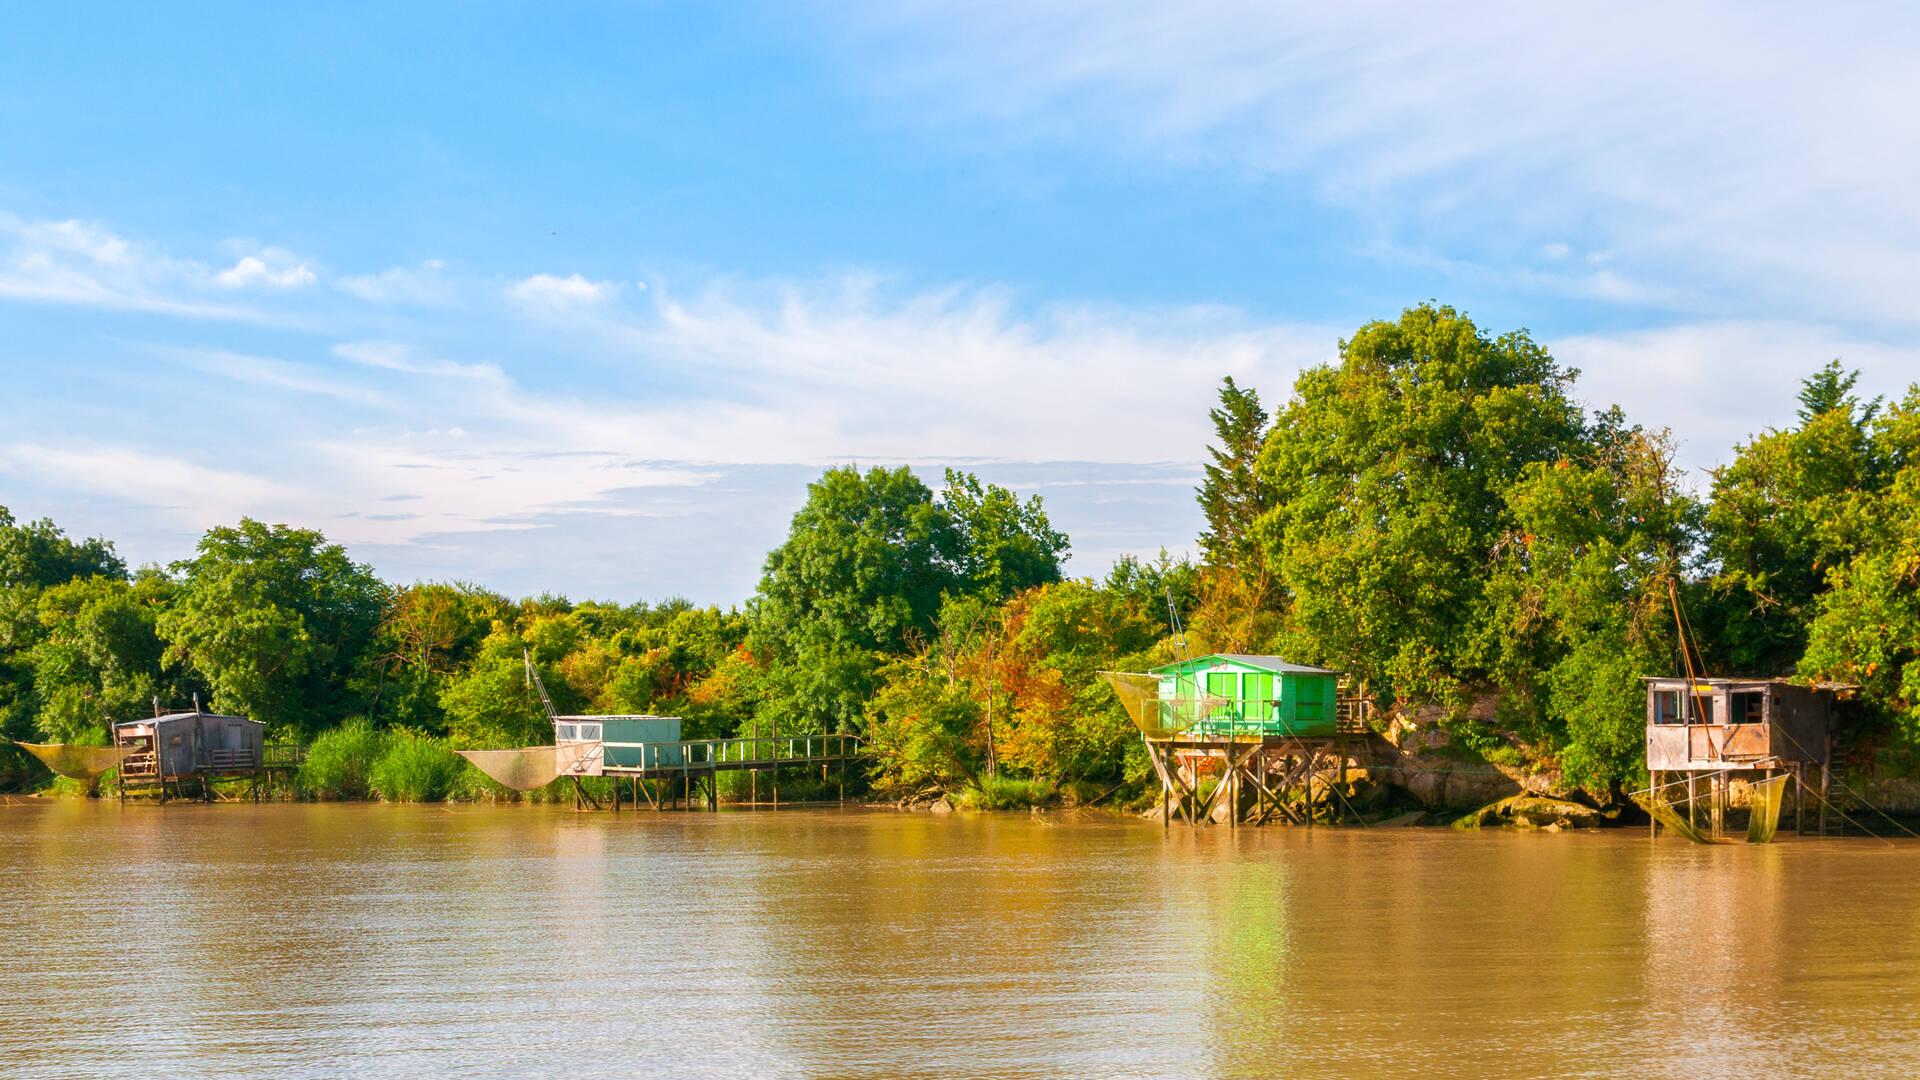 Les carrelets au fil du fleuve Charente - Rochefort Océan